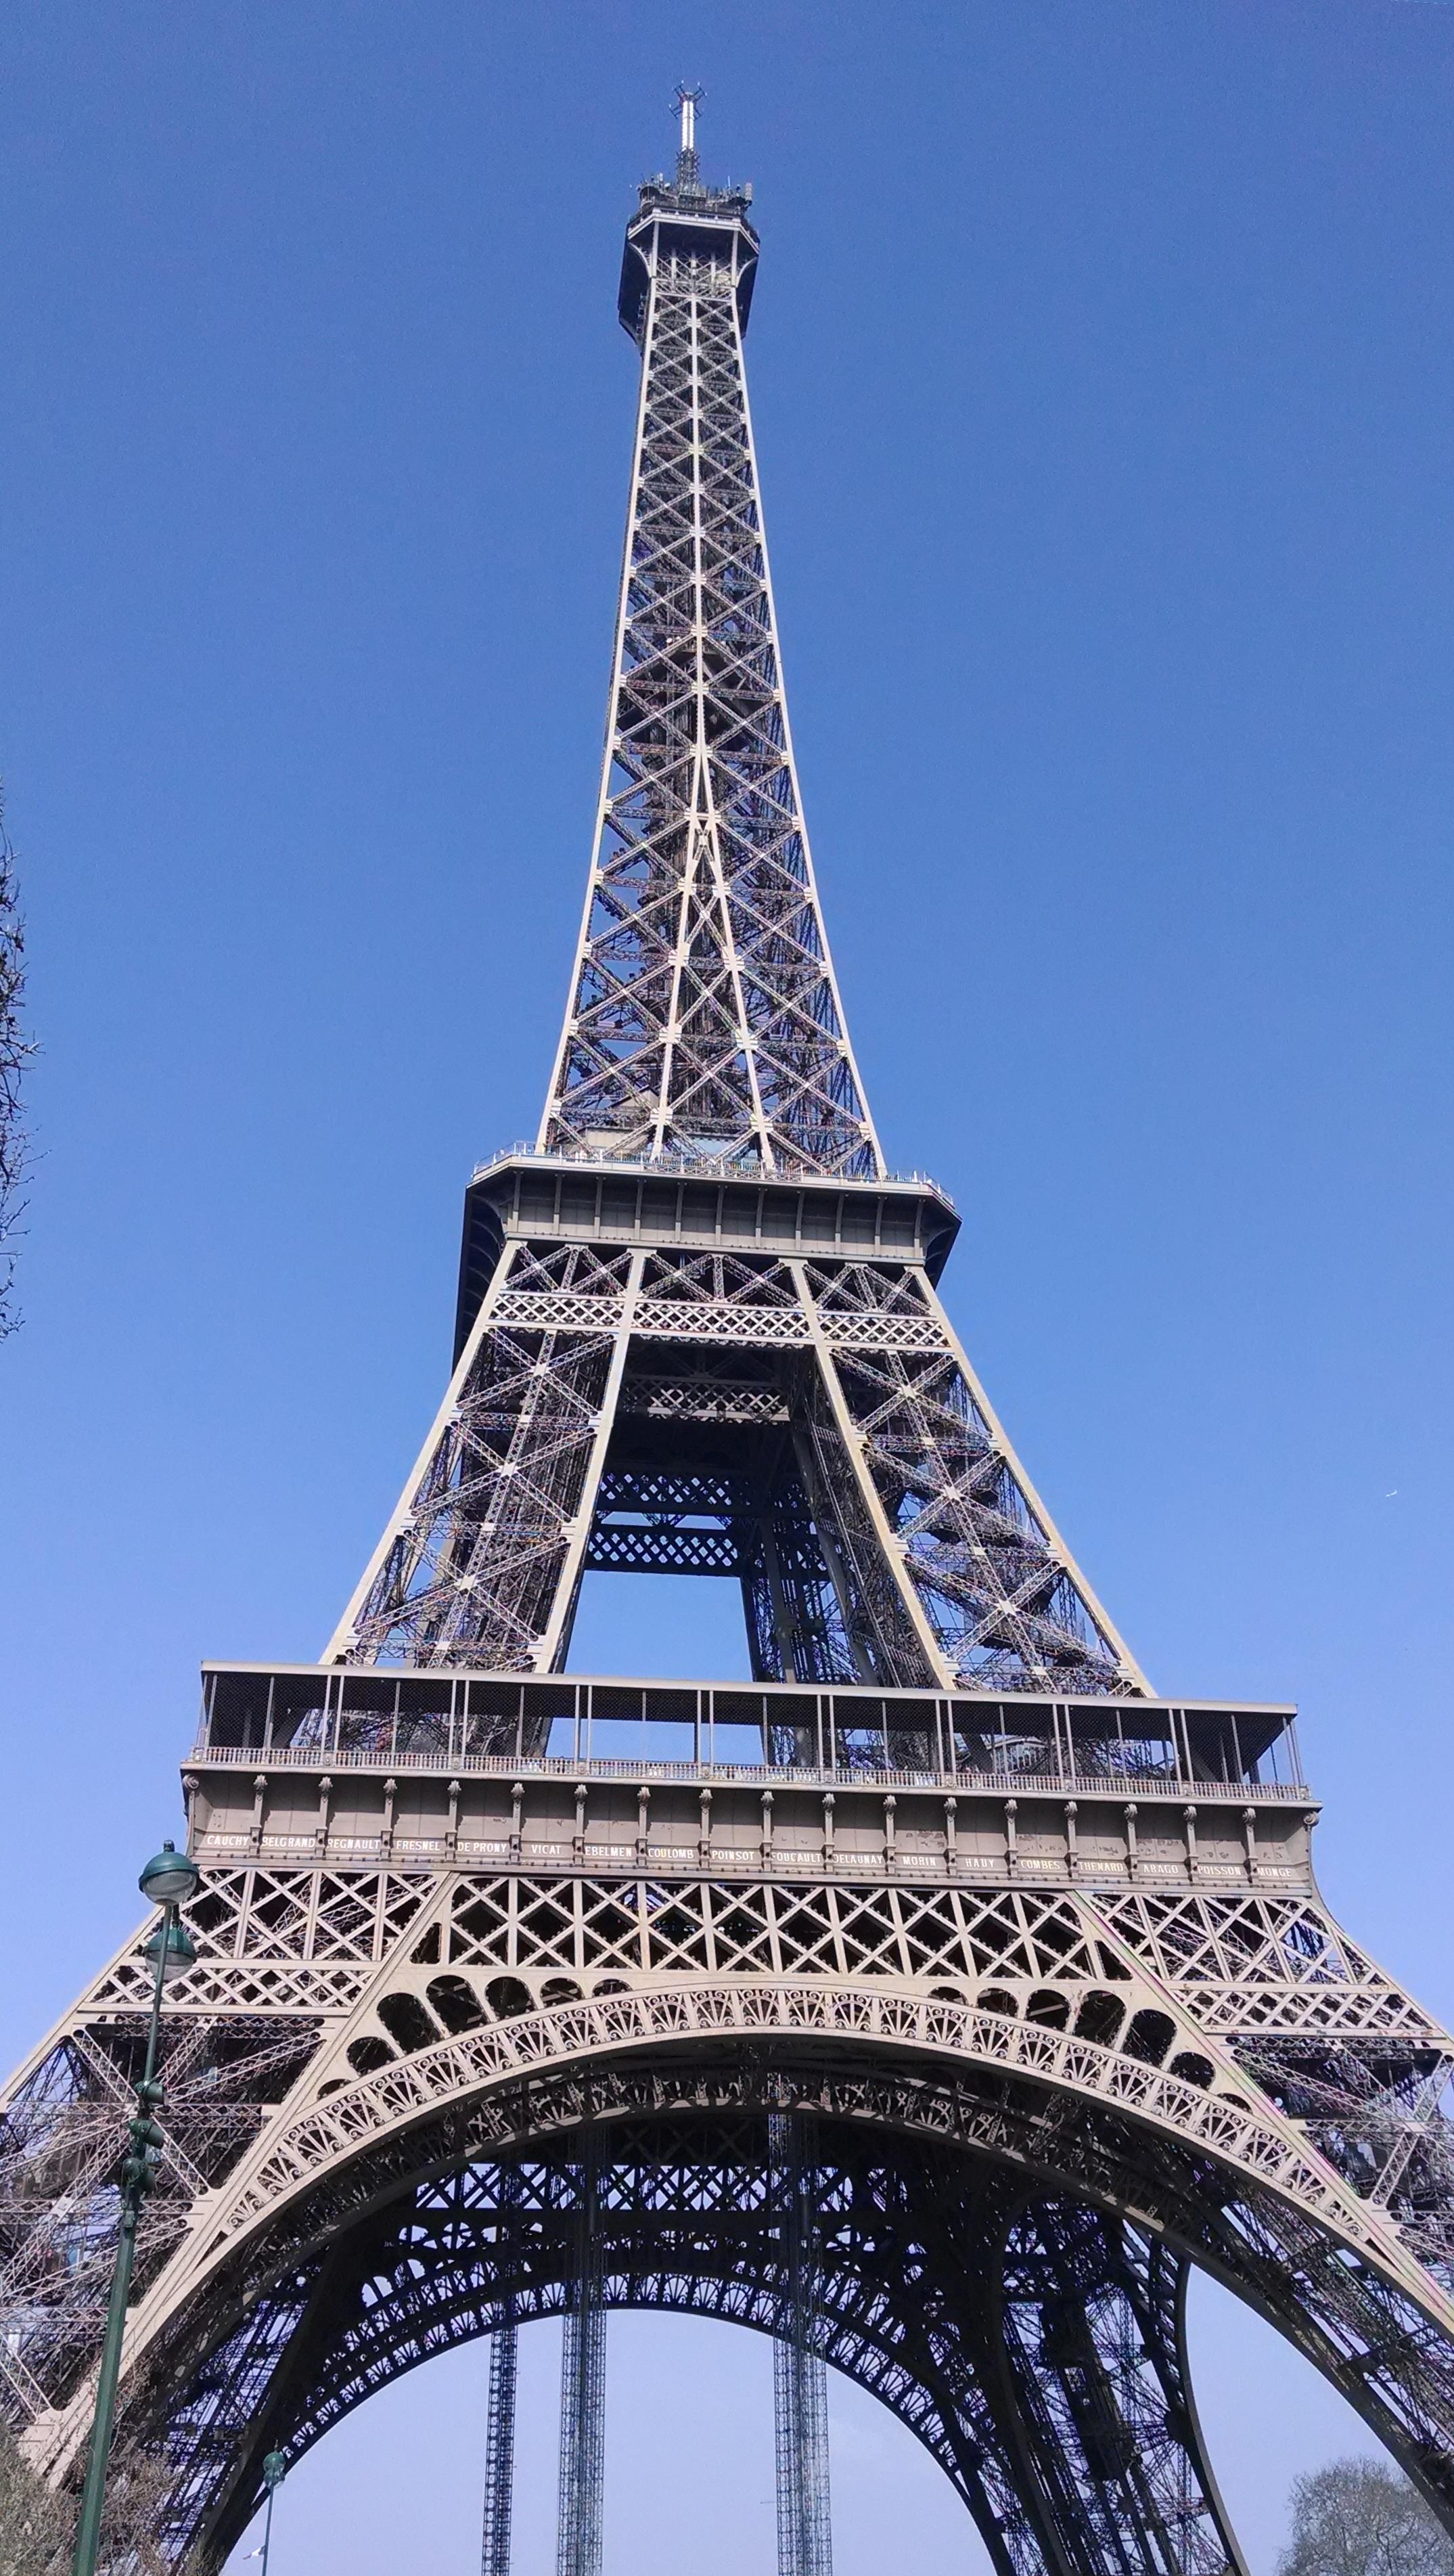 Images gratuites tour eiffel paris gratte ciel france - Tour eiffel photos gratuites ...